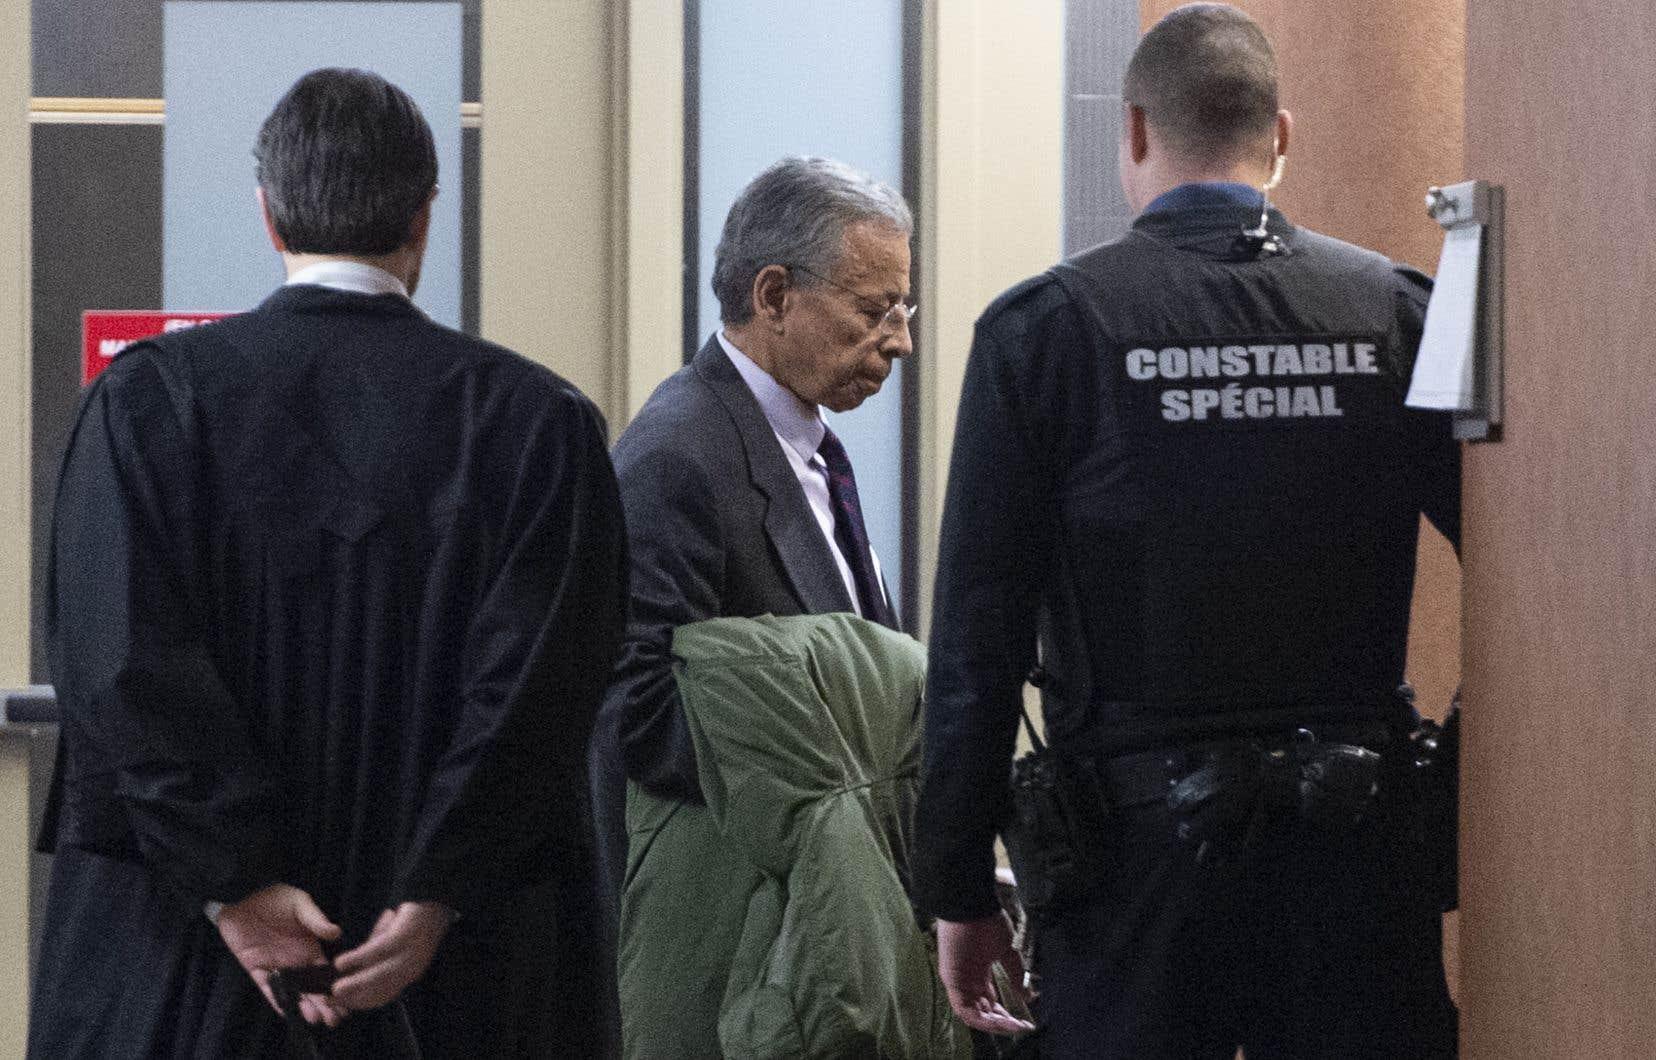 L'ancien cadre de SNC-Lavalin Sami Bebawi fait face à cinq chefs d'accusation.